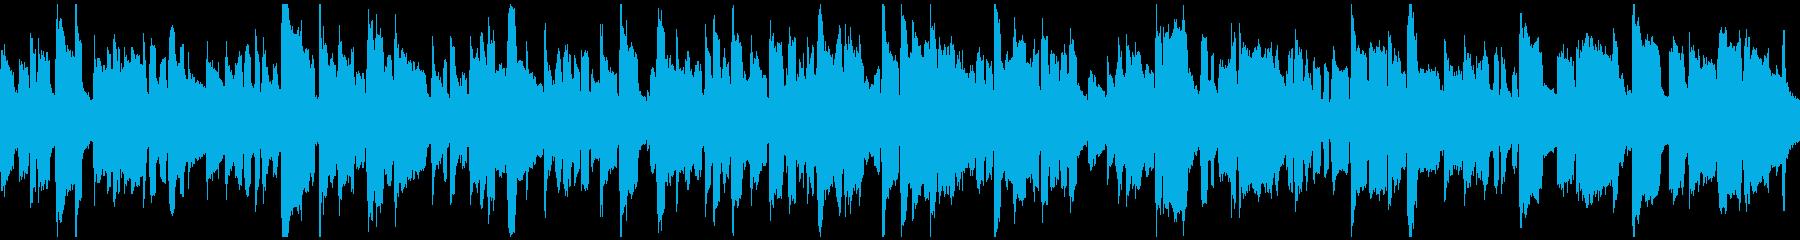 のんびりしたゆるいリコーダー ※ループ版の再生済みの波形